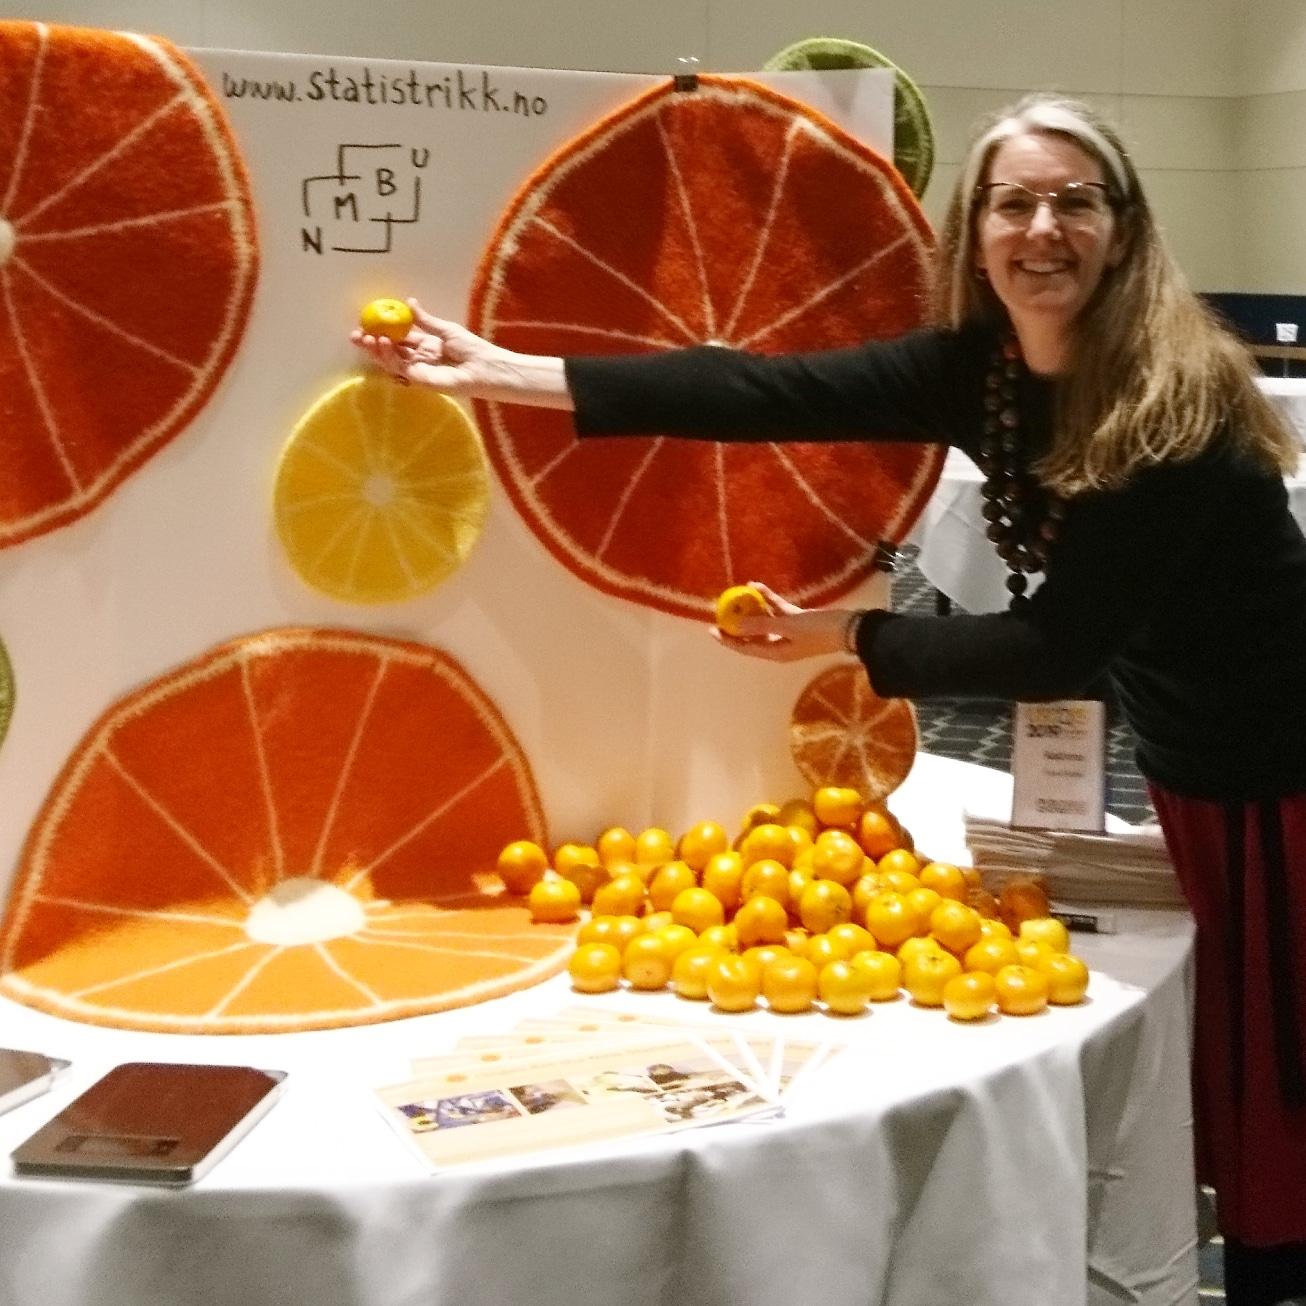 Oranges Are the New Statistics